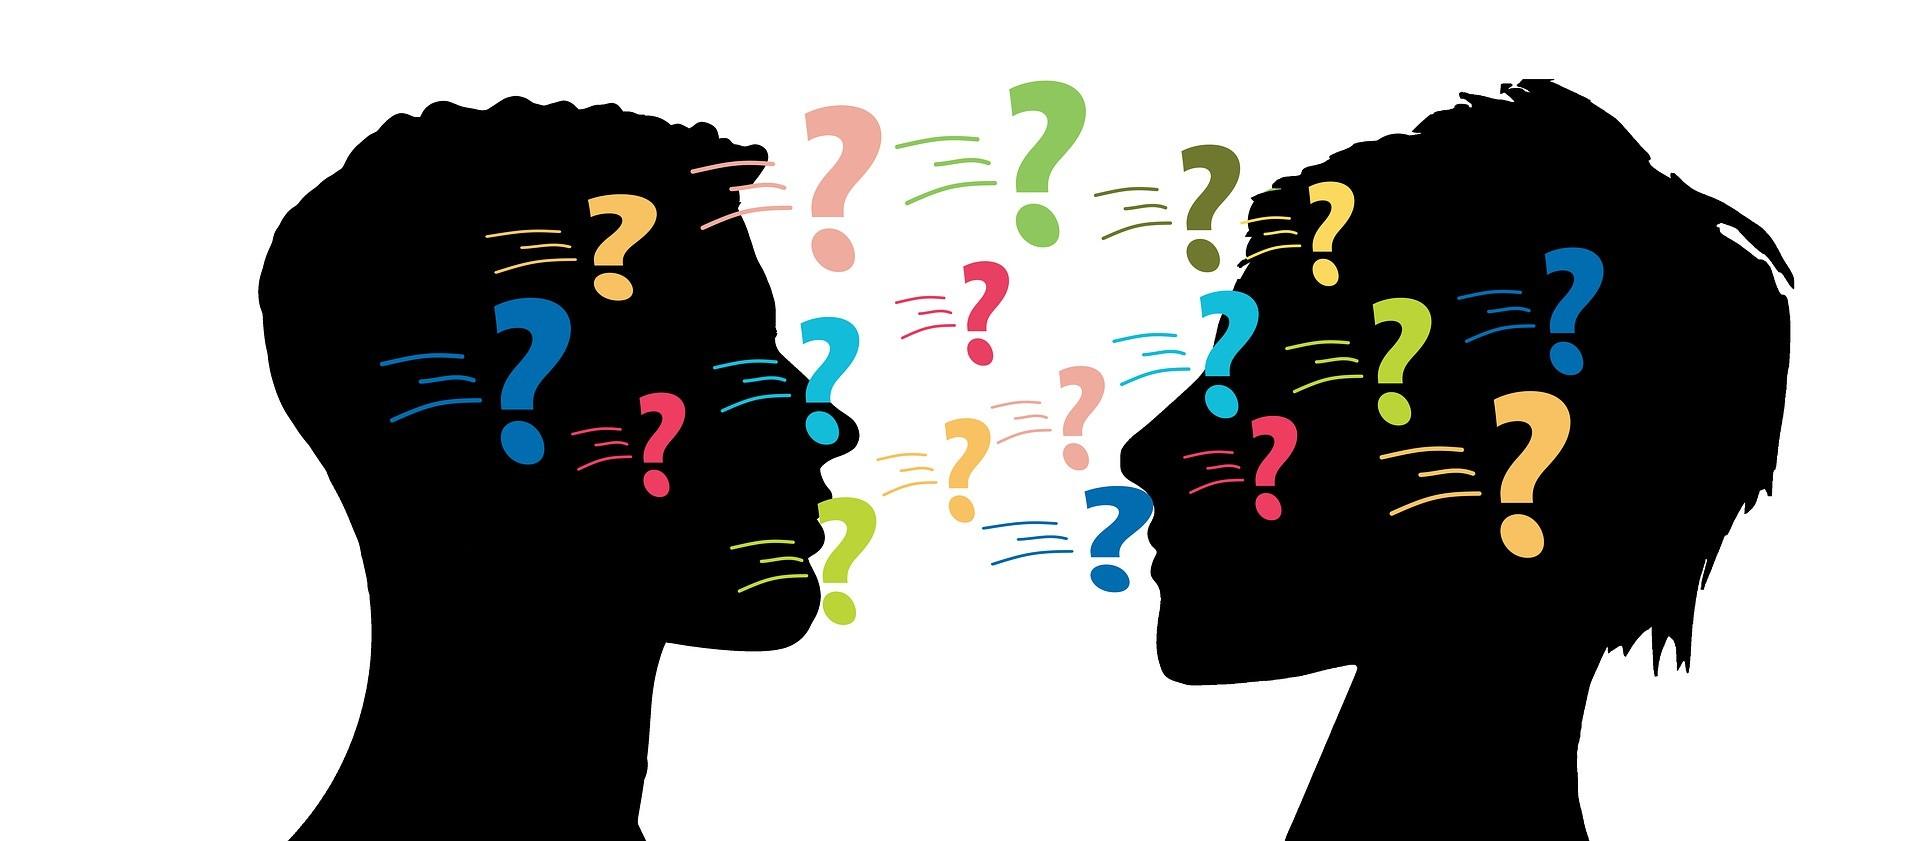 4 основных этапа принятия неизбежного: от отрицания до принятия